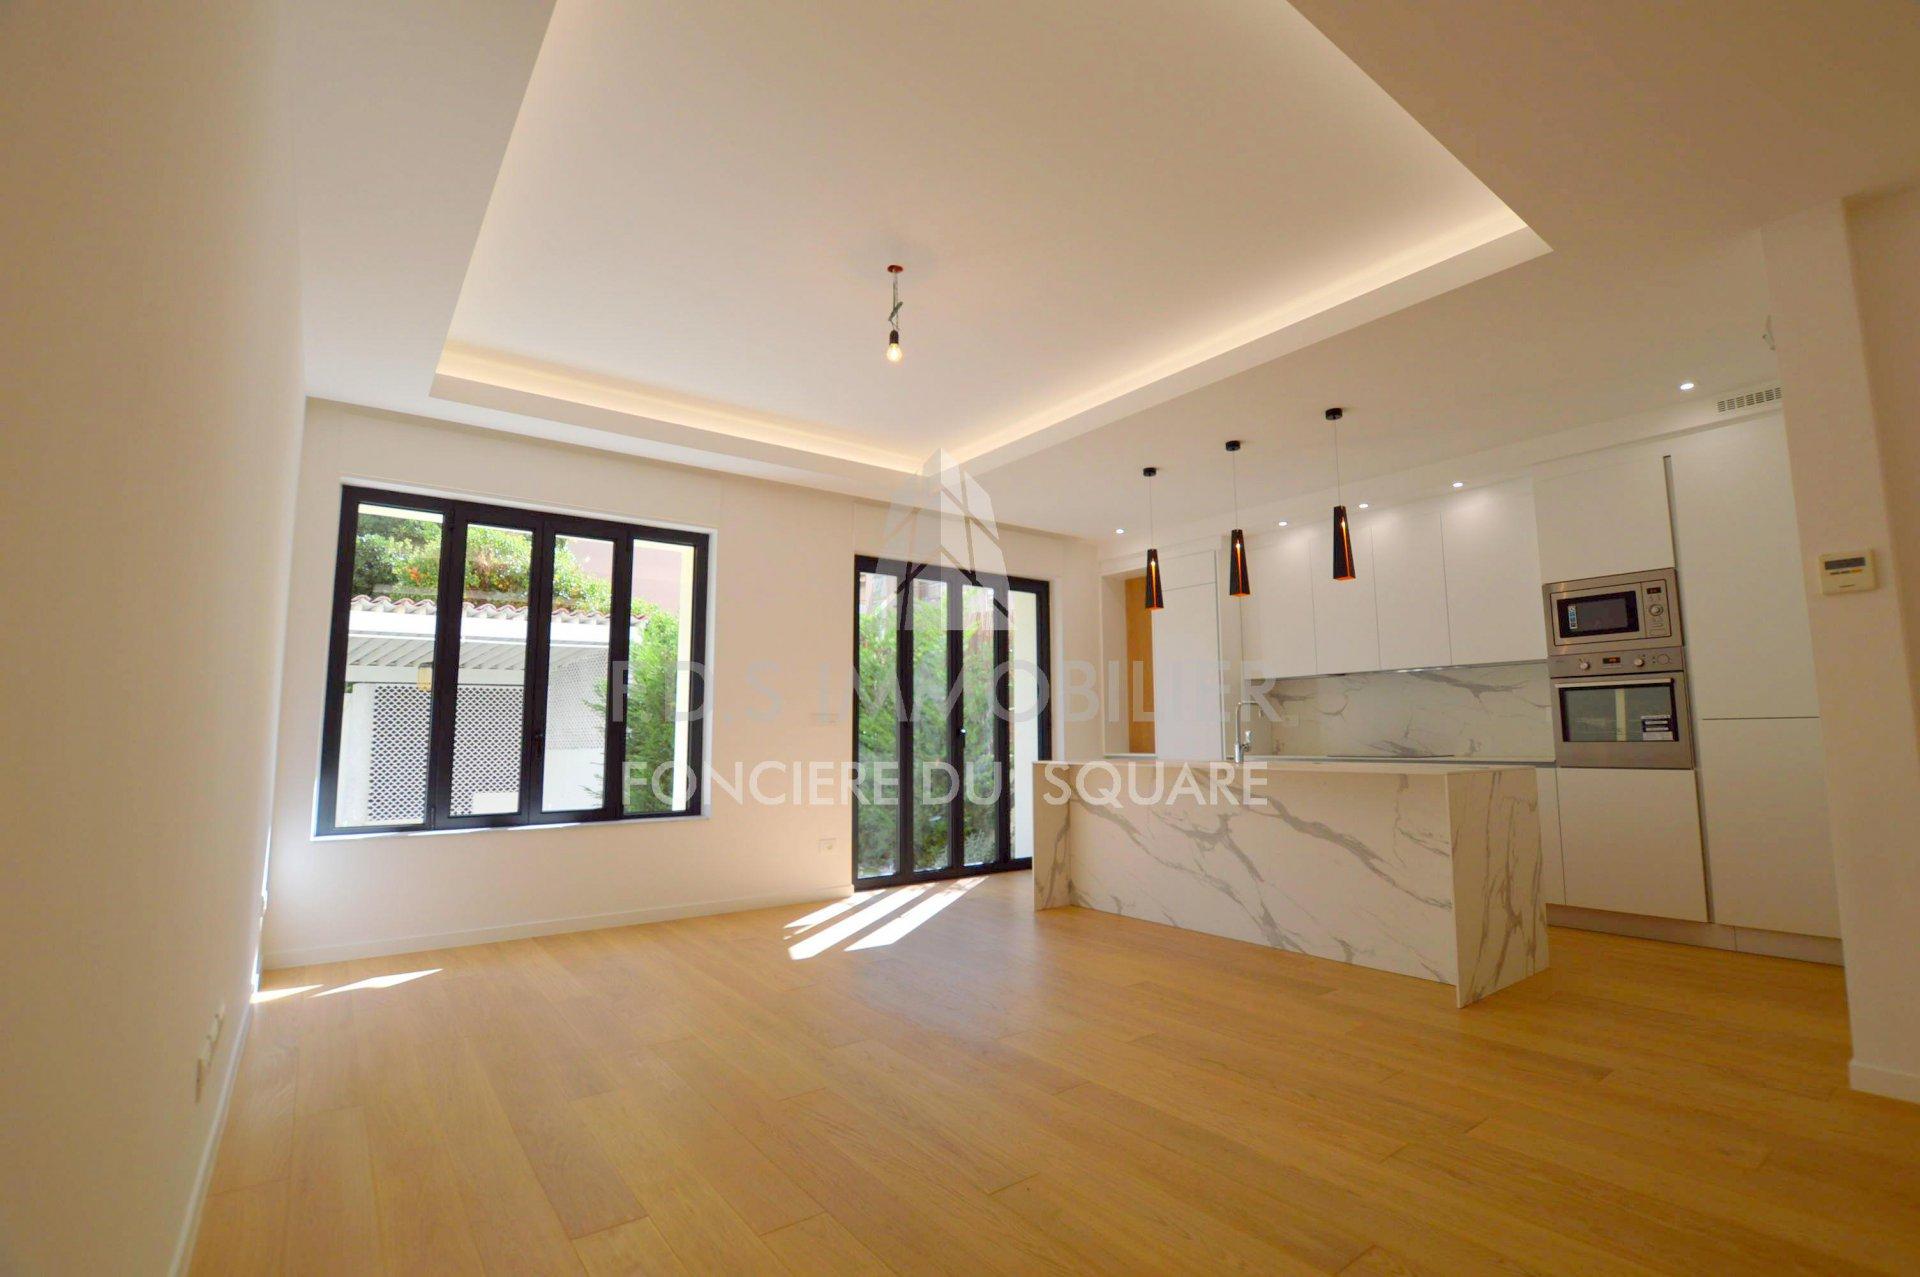 Vente Appartement Nice - 4 pièces - 112 m²